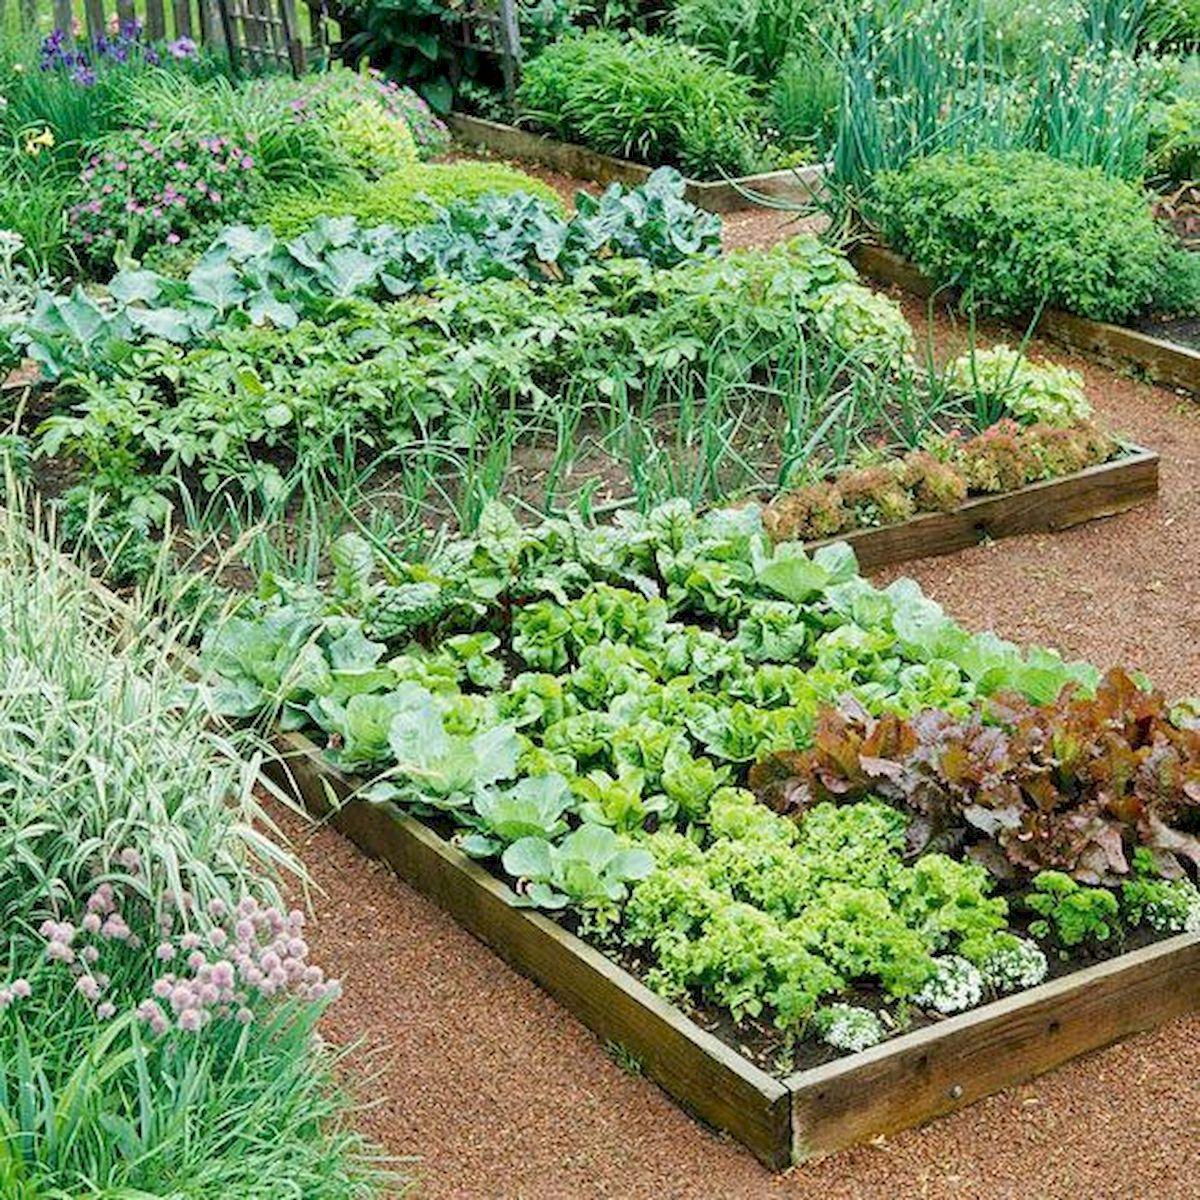 50 Inspiring Small Vegetable Garden Ideas (8)